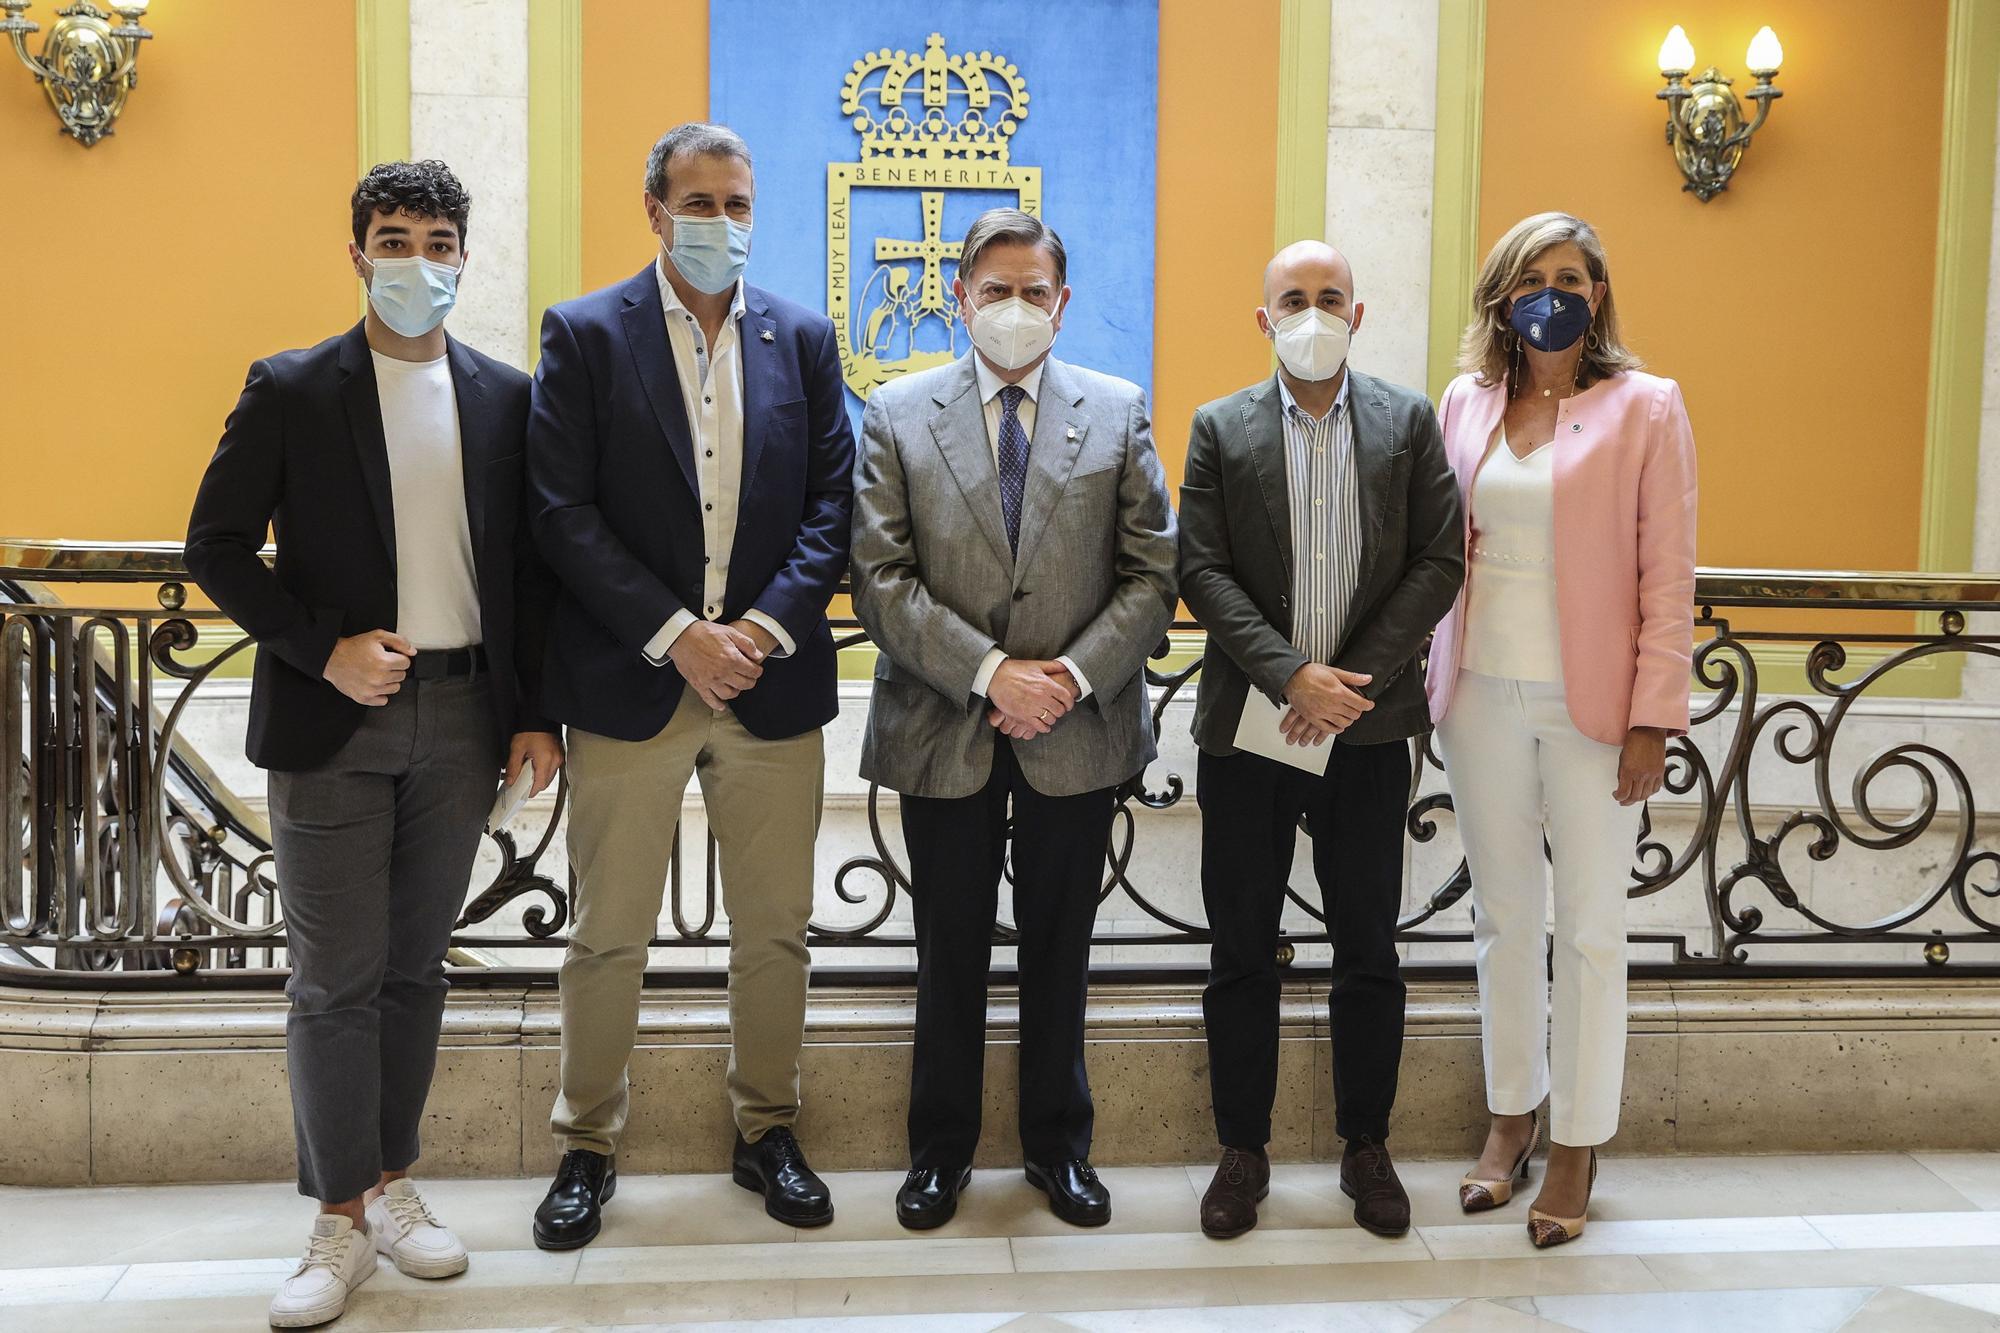 El alcalde de Oviedo, Alfredo Canteli, recibe a los deportistas y representantes de los equipos más significativos de Oviedo